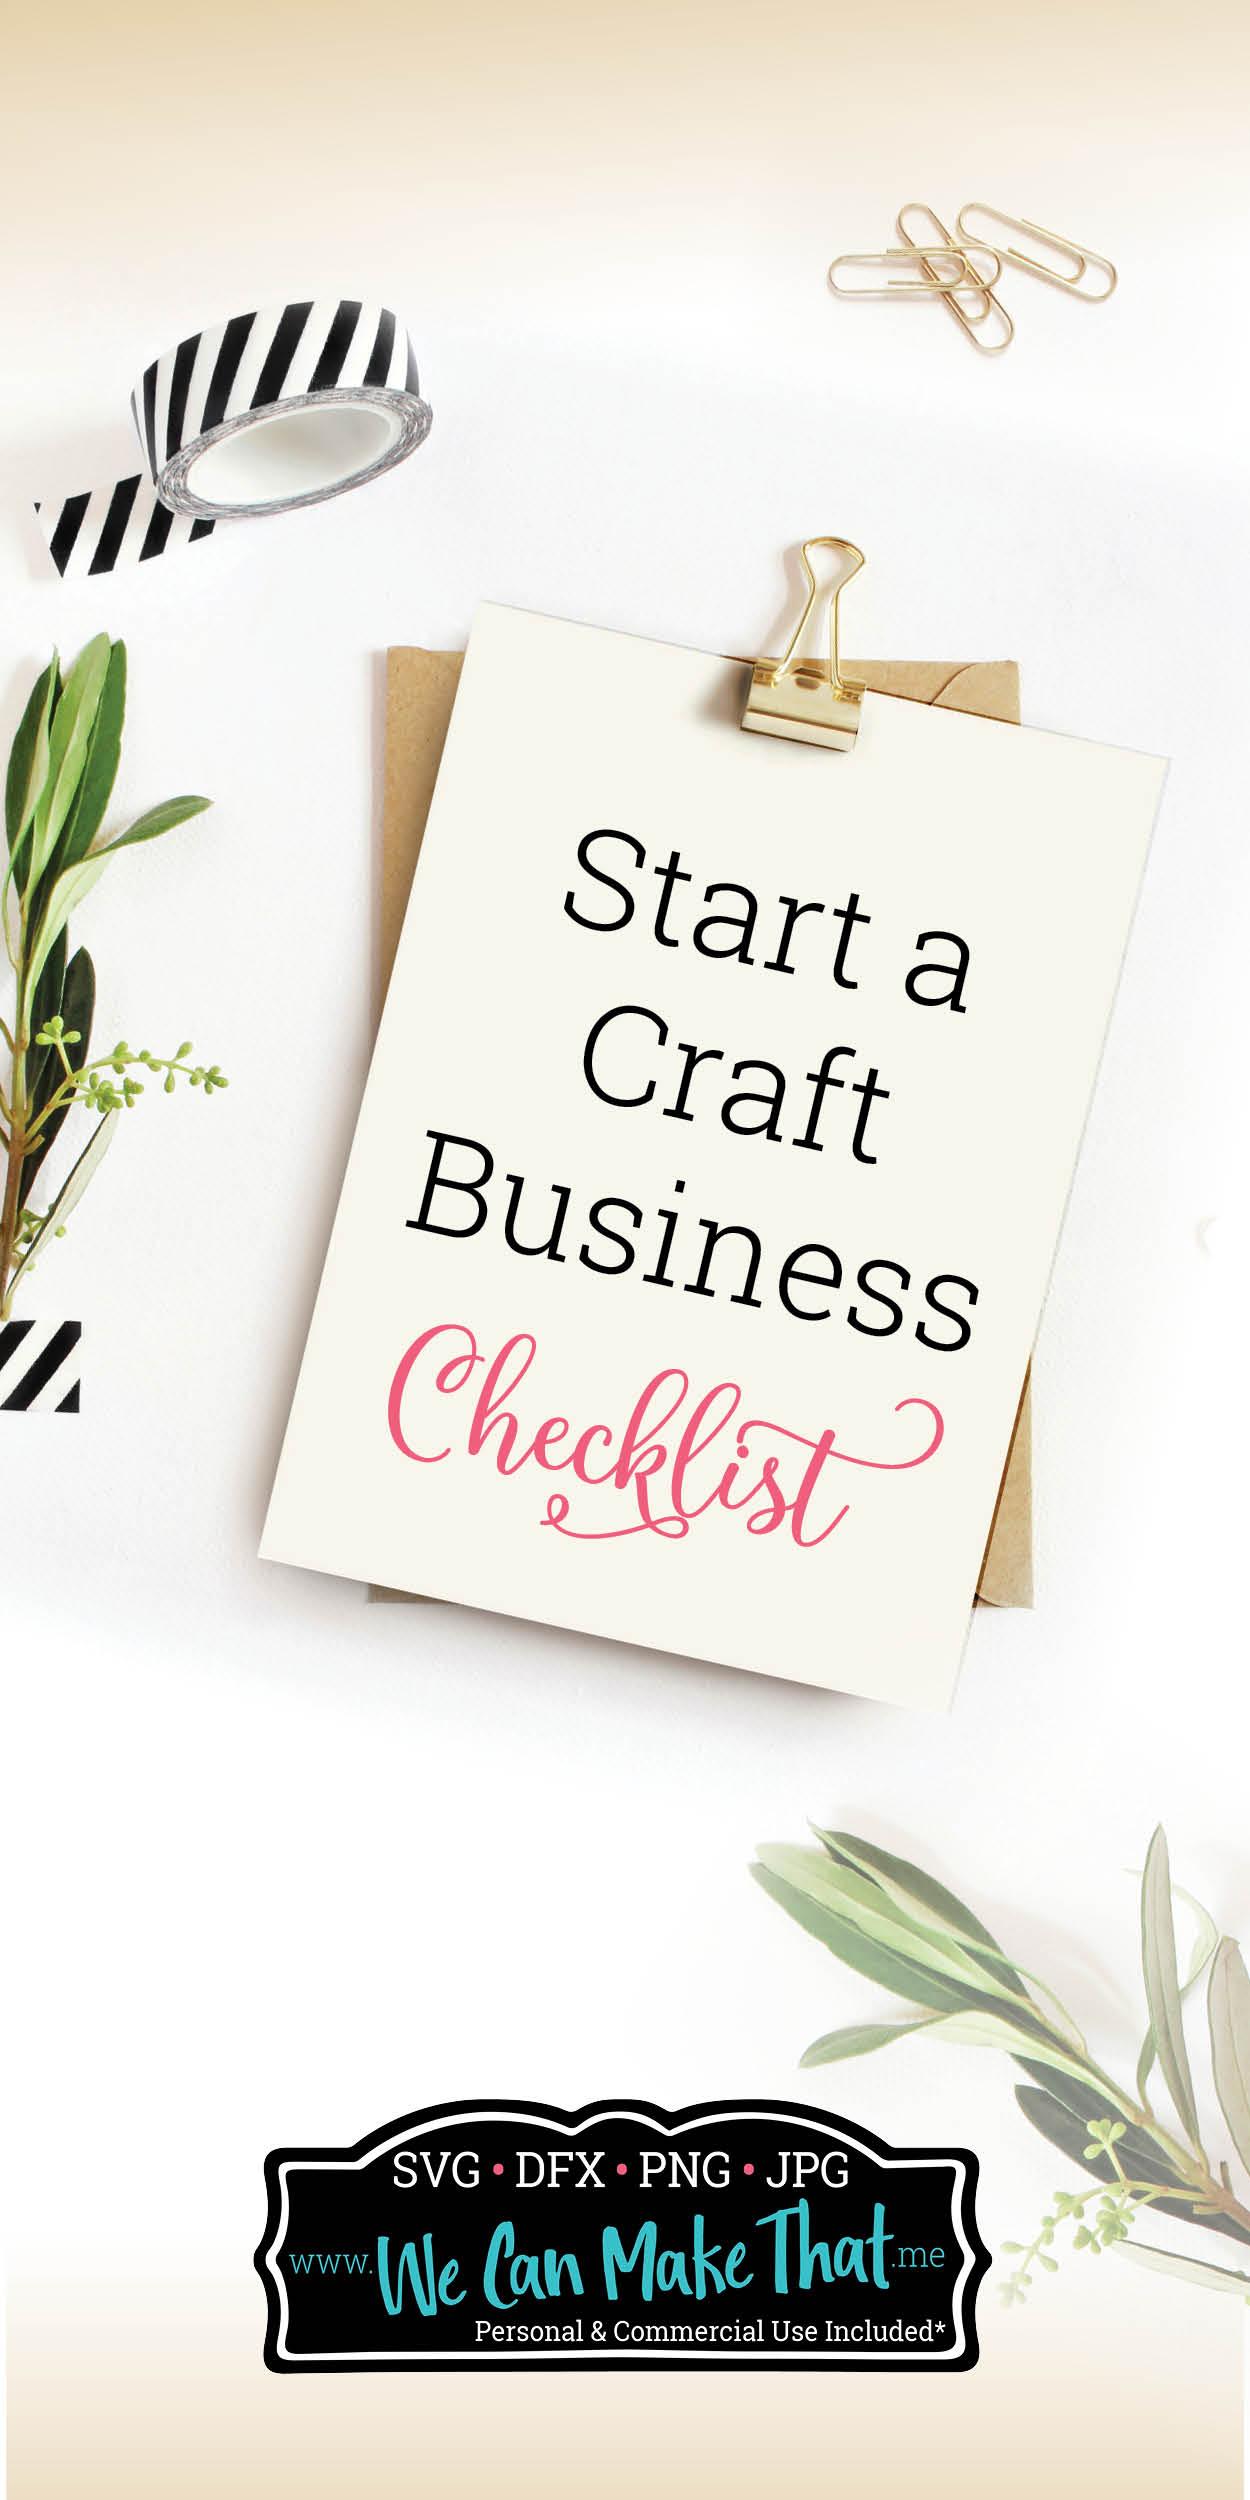 craft business checklist